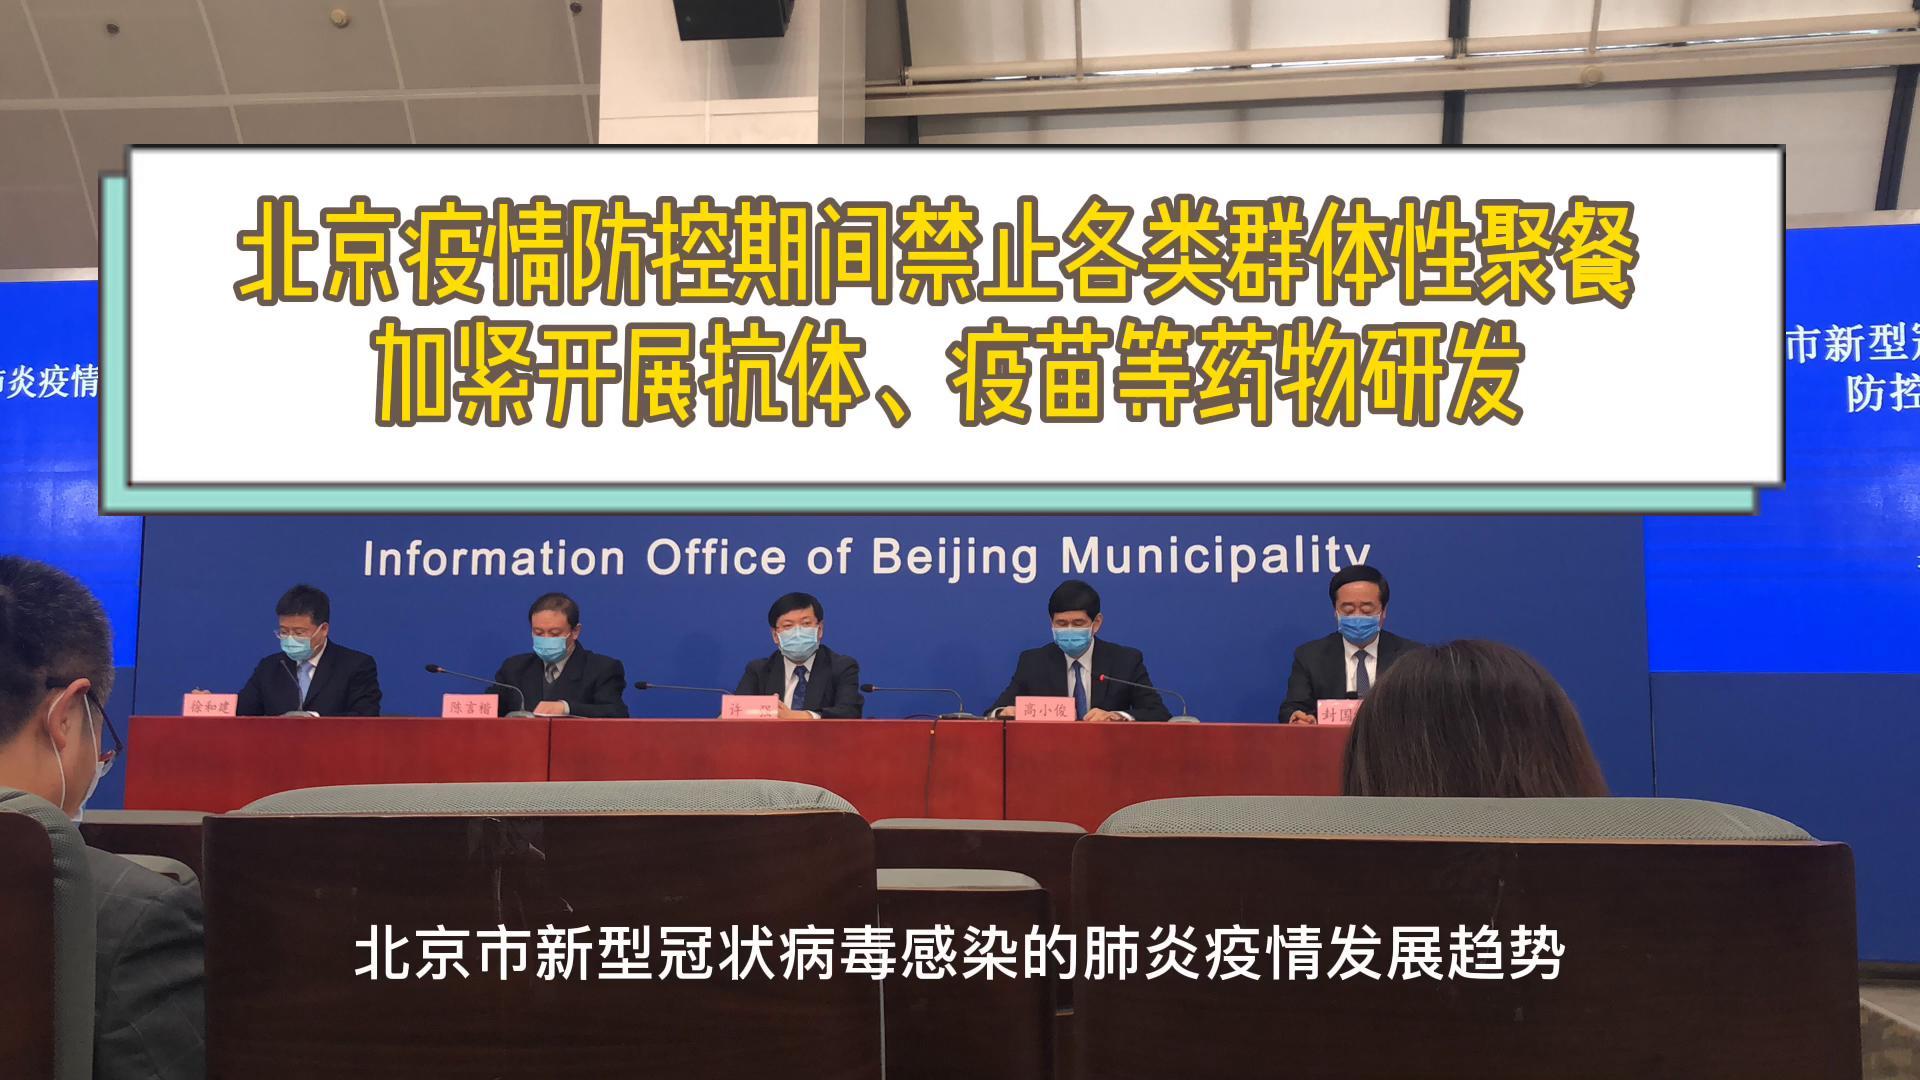 北京疫情防控期间禁止各类群体性聚餐加紧开展抗体、疫苗等药物研发